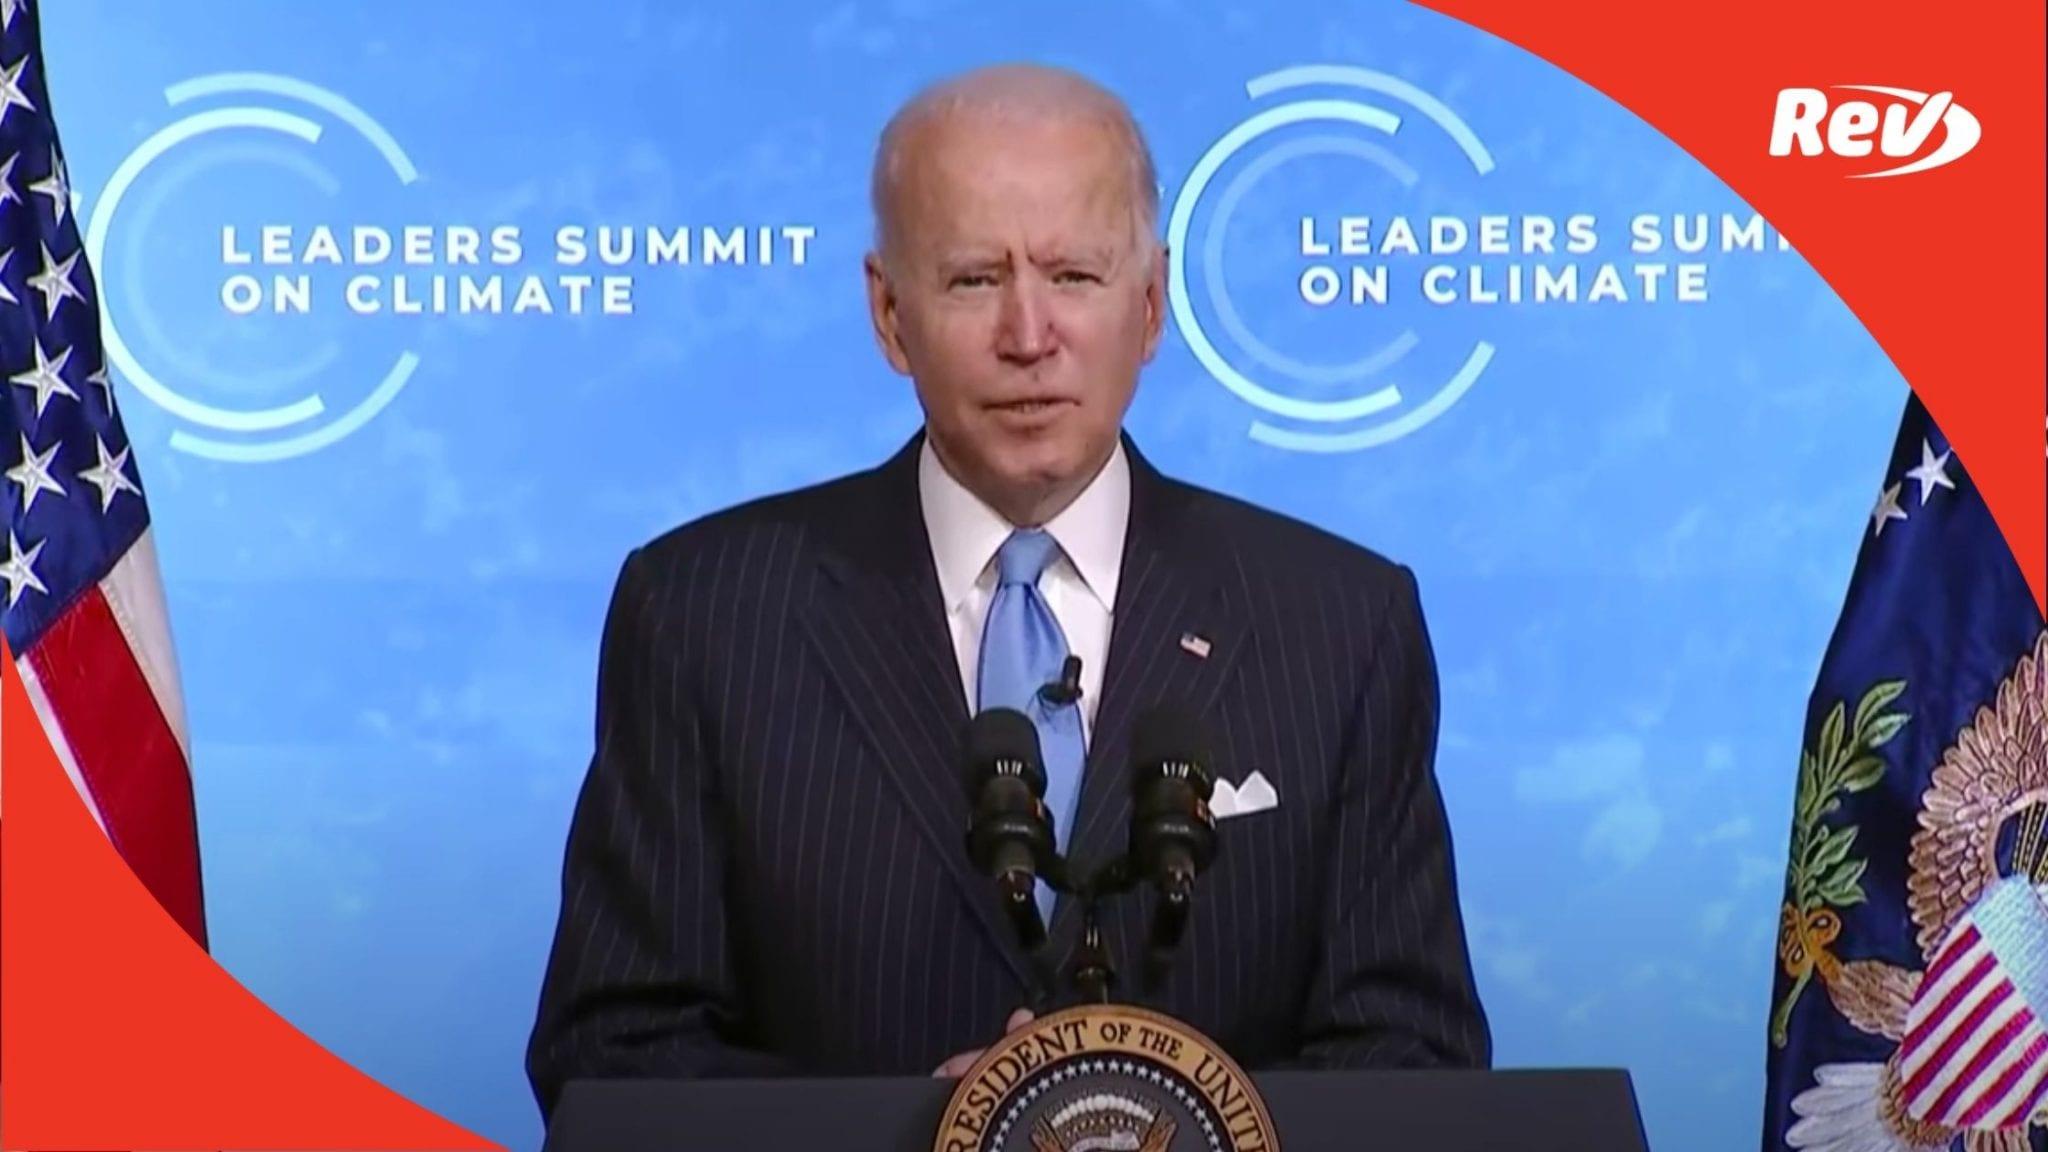 Joe Biden Speech Transcript April 23: Leaders Summit on Climate Day 2